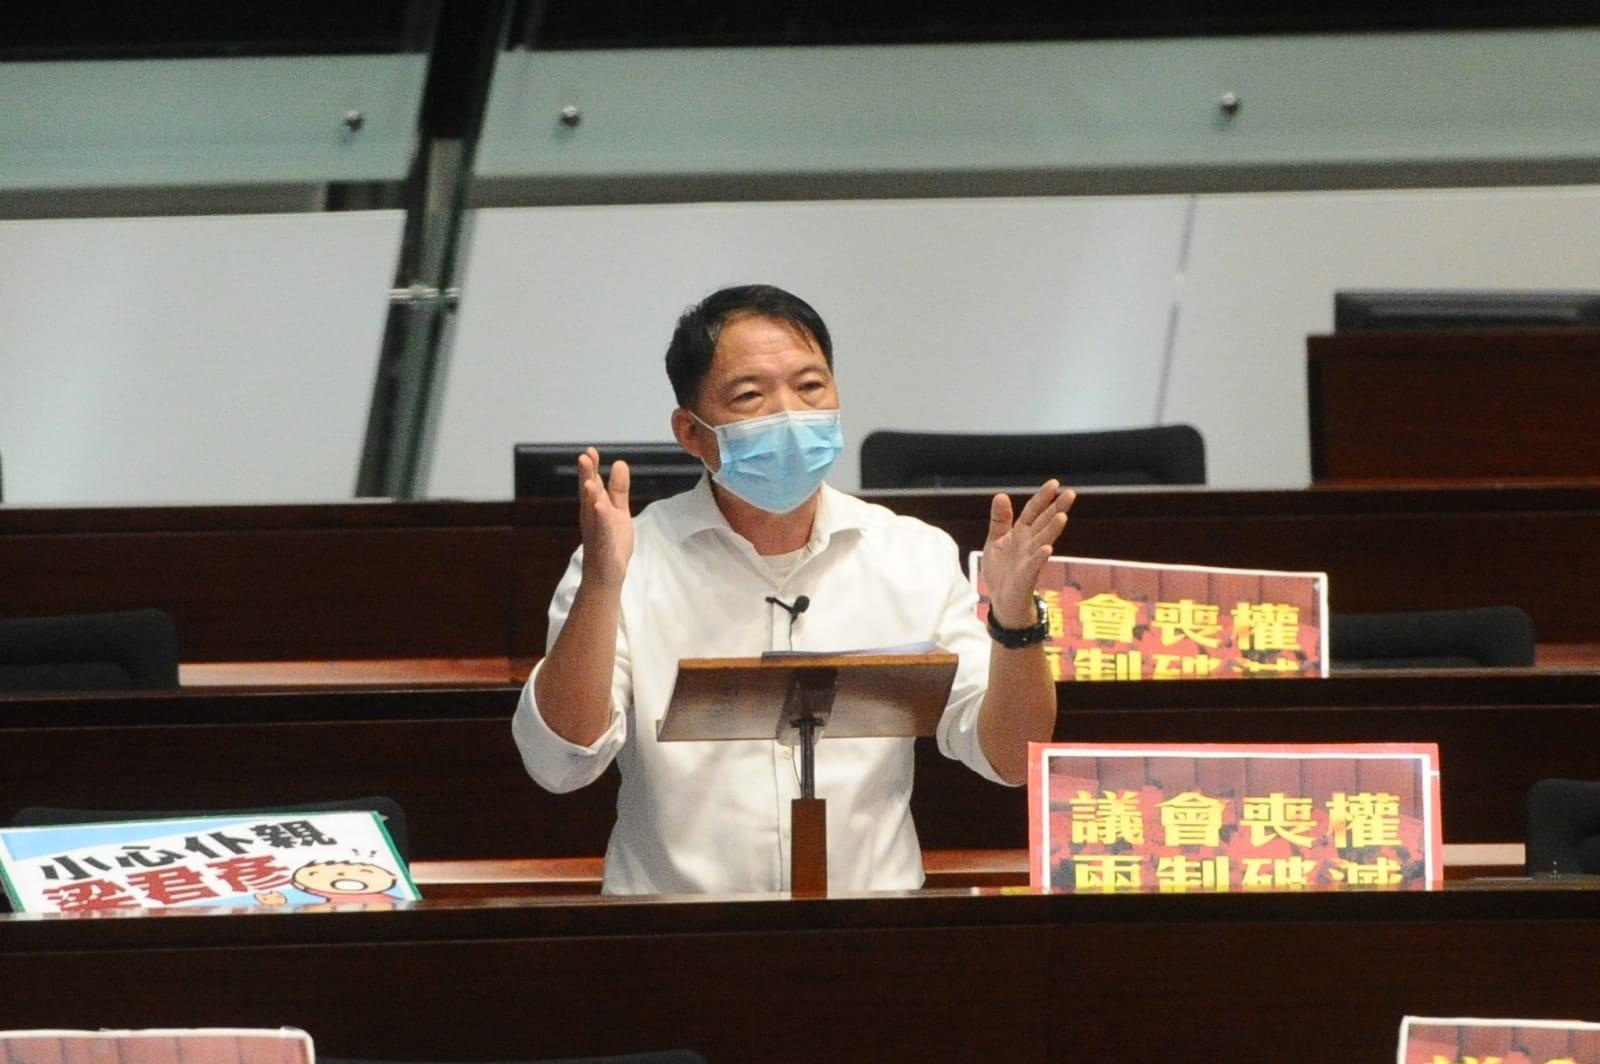 立法會議員胡志偉闡述自己提出的「國歌法」修正案。(宋碧龍/ 大紀元)